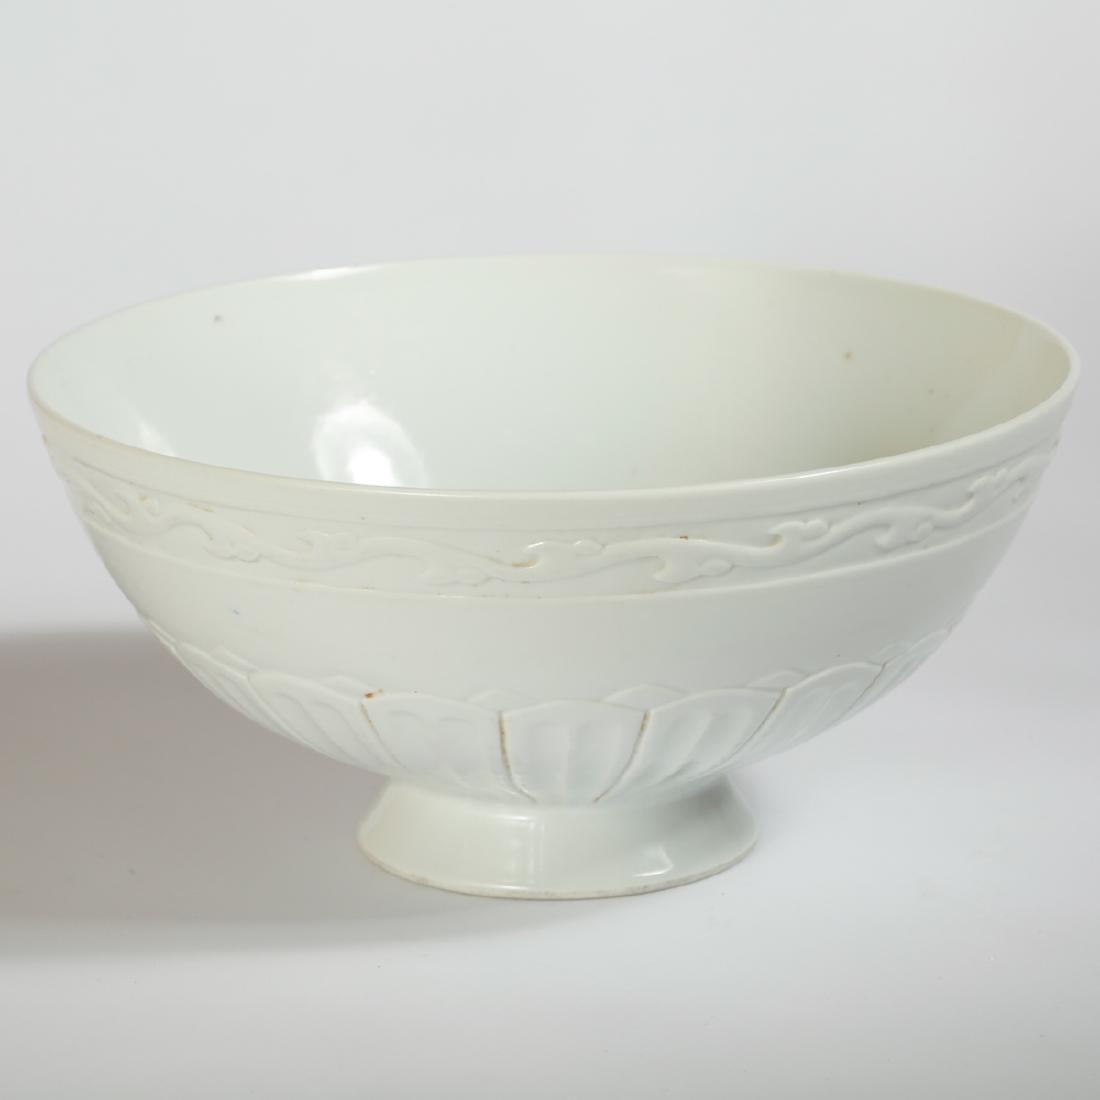 CHINESE WHITE GLAZED ANHUA BOWL